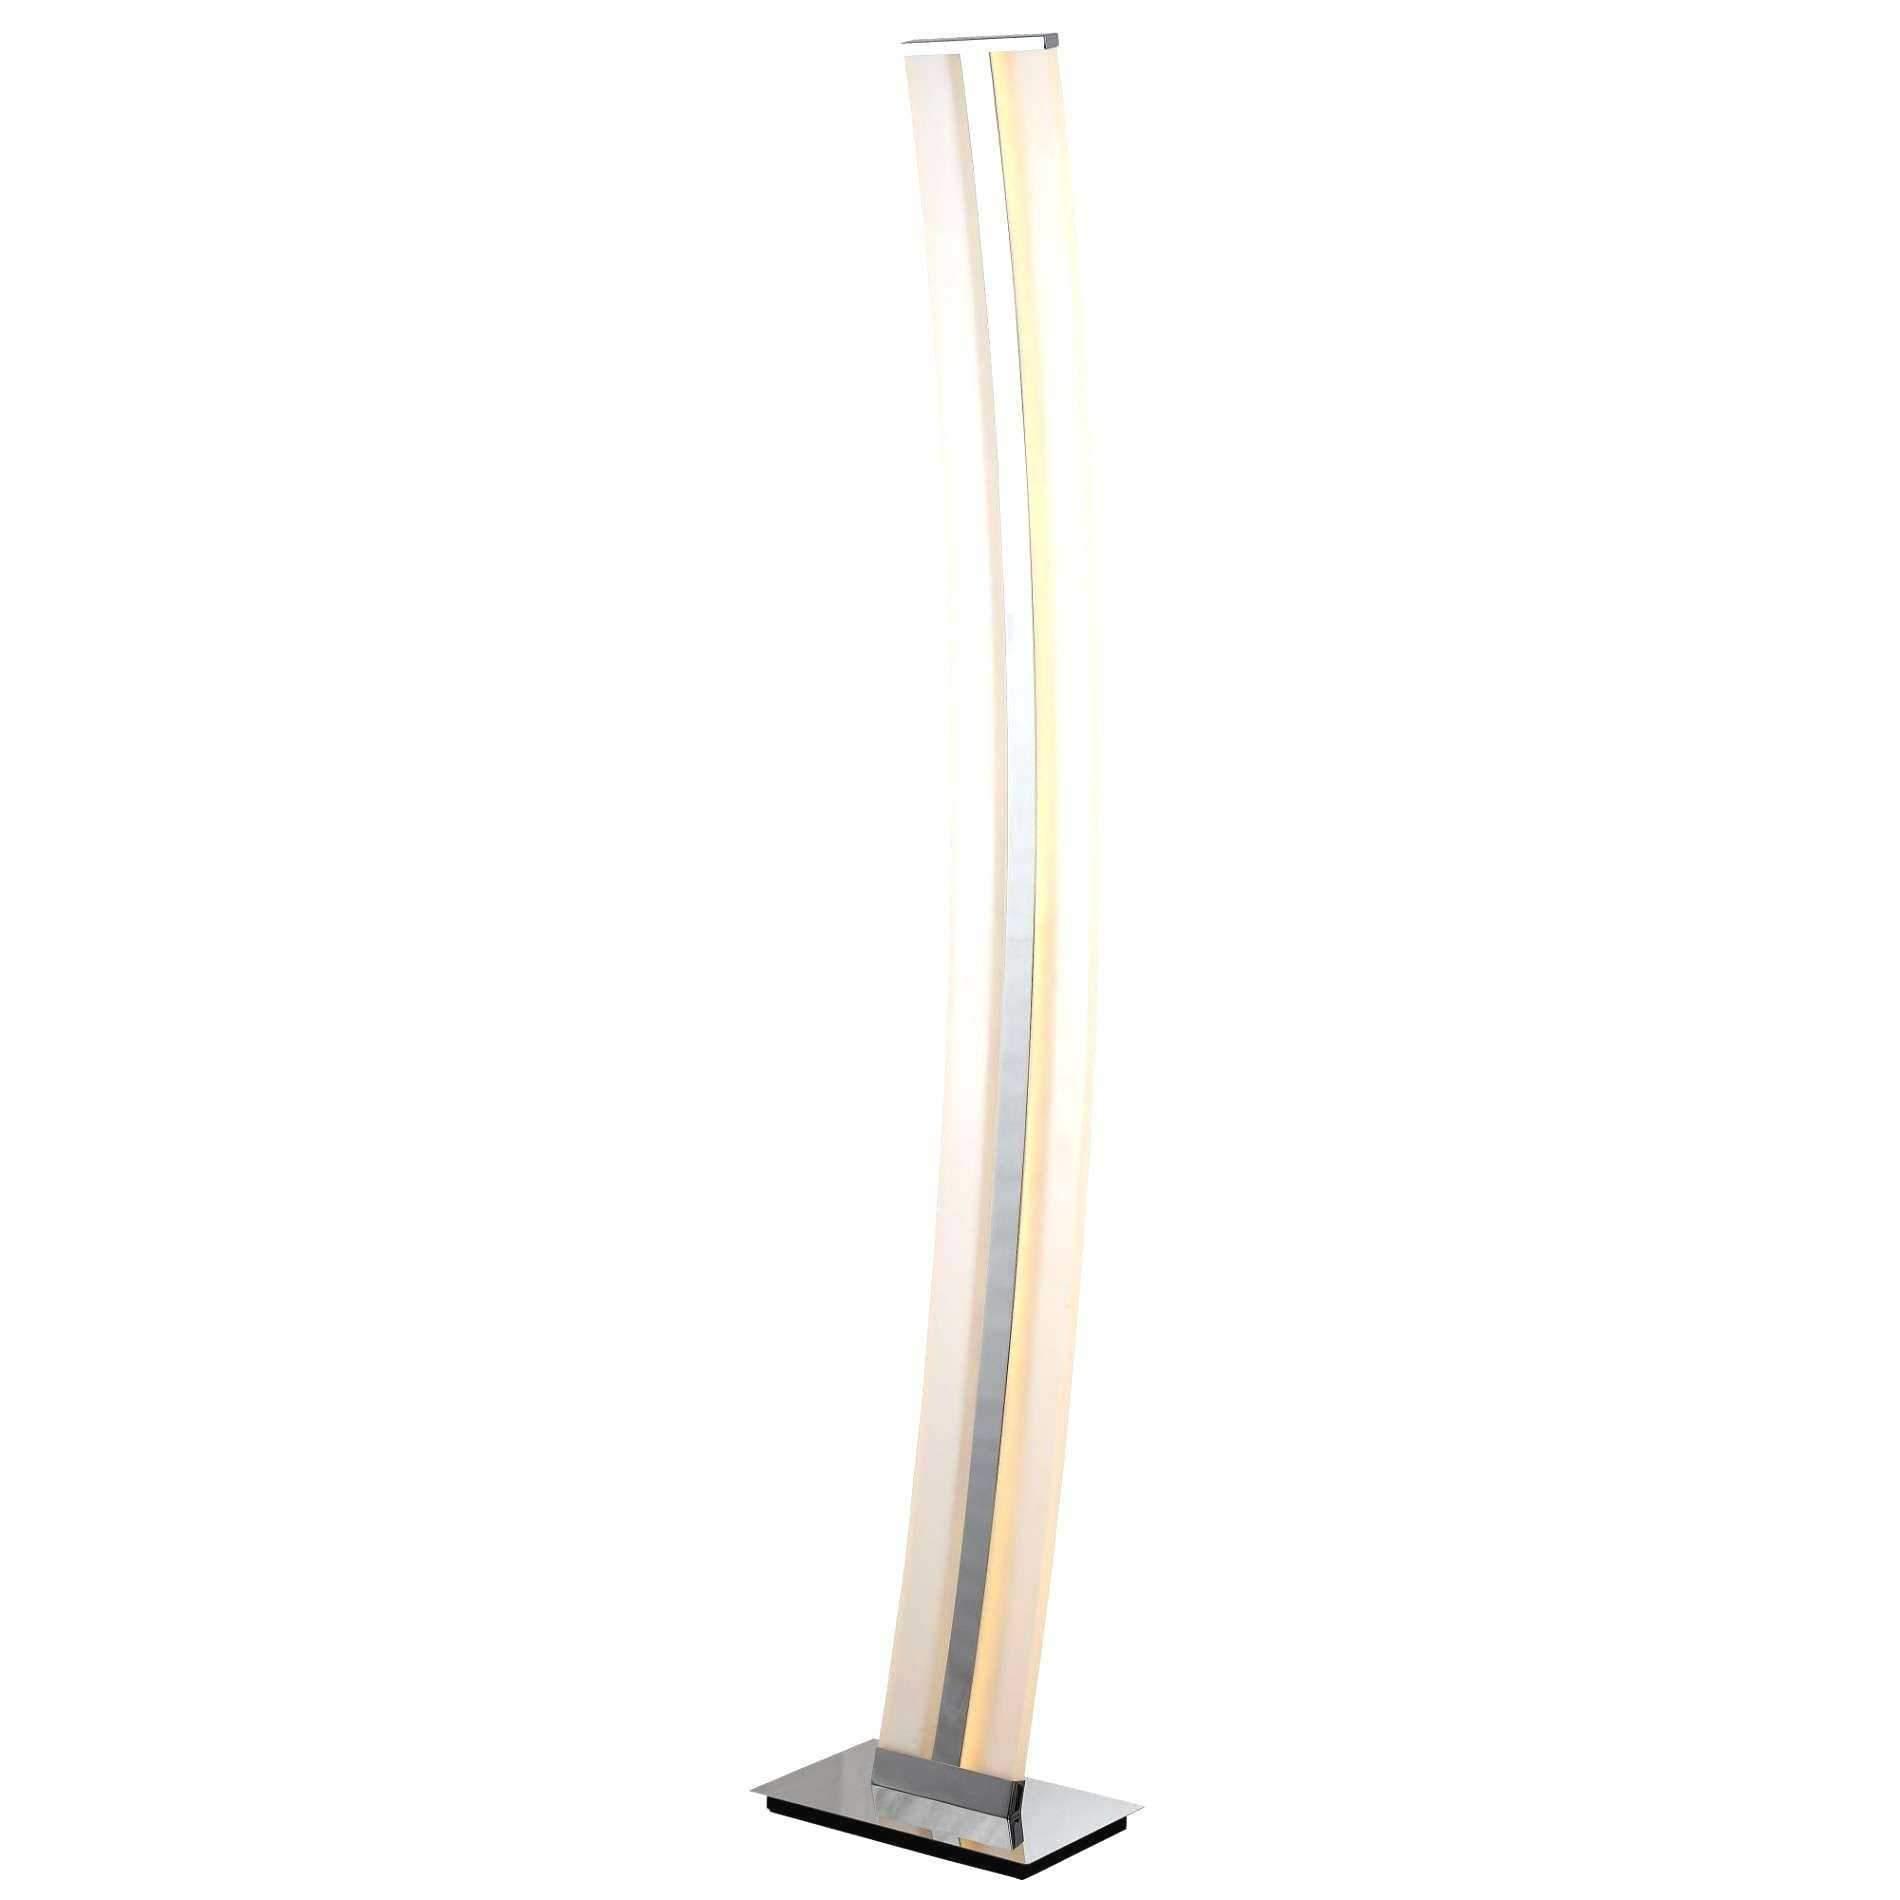 Full Size of Stehlampen Ikea Stehlampe Wohnzimmer Reizend Standleuchte Miniküche Küche Kaufen Sofa Mit Schlaffunktion Betten 160x200 Kosten Modulküche Bei Wohnzimmer Stehlampen Ikea